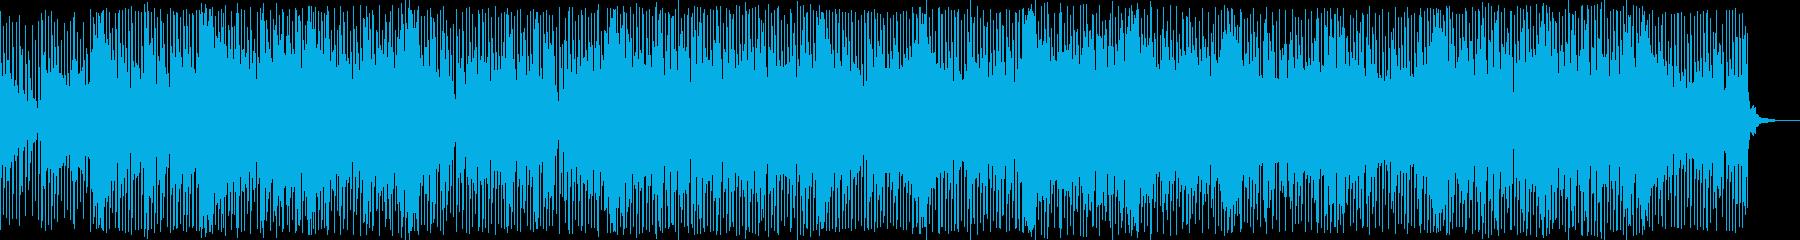 気持ちが穏やかになるループが気持ち良い曲の再生済みの波形